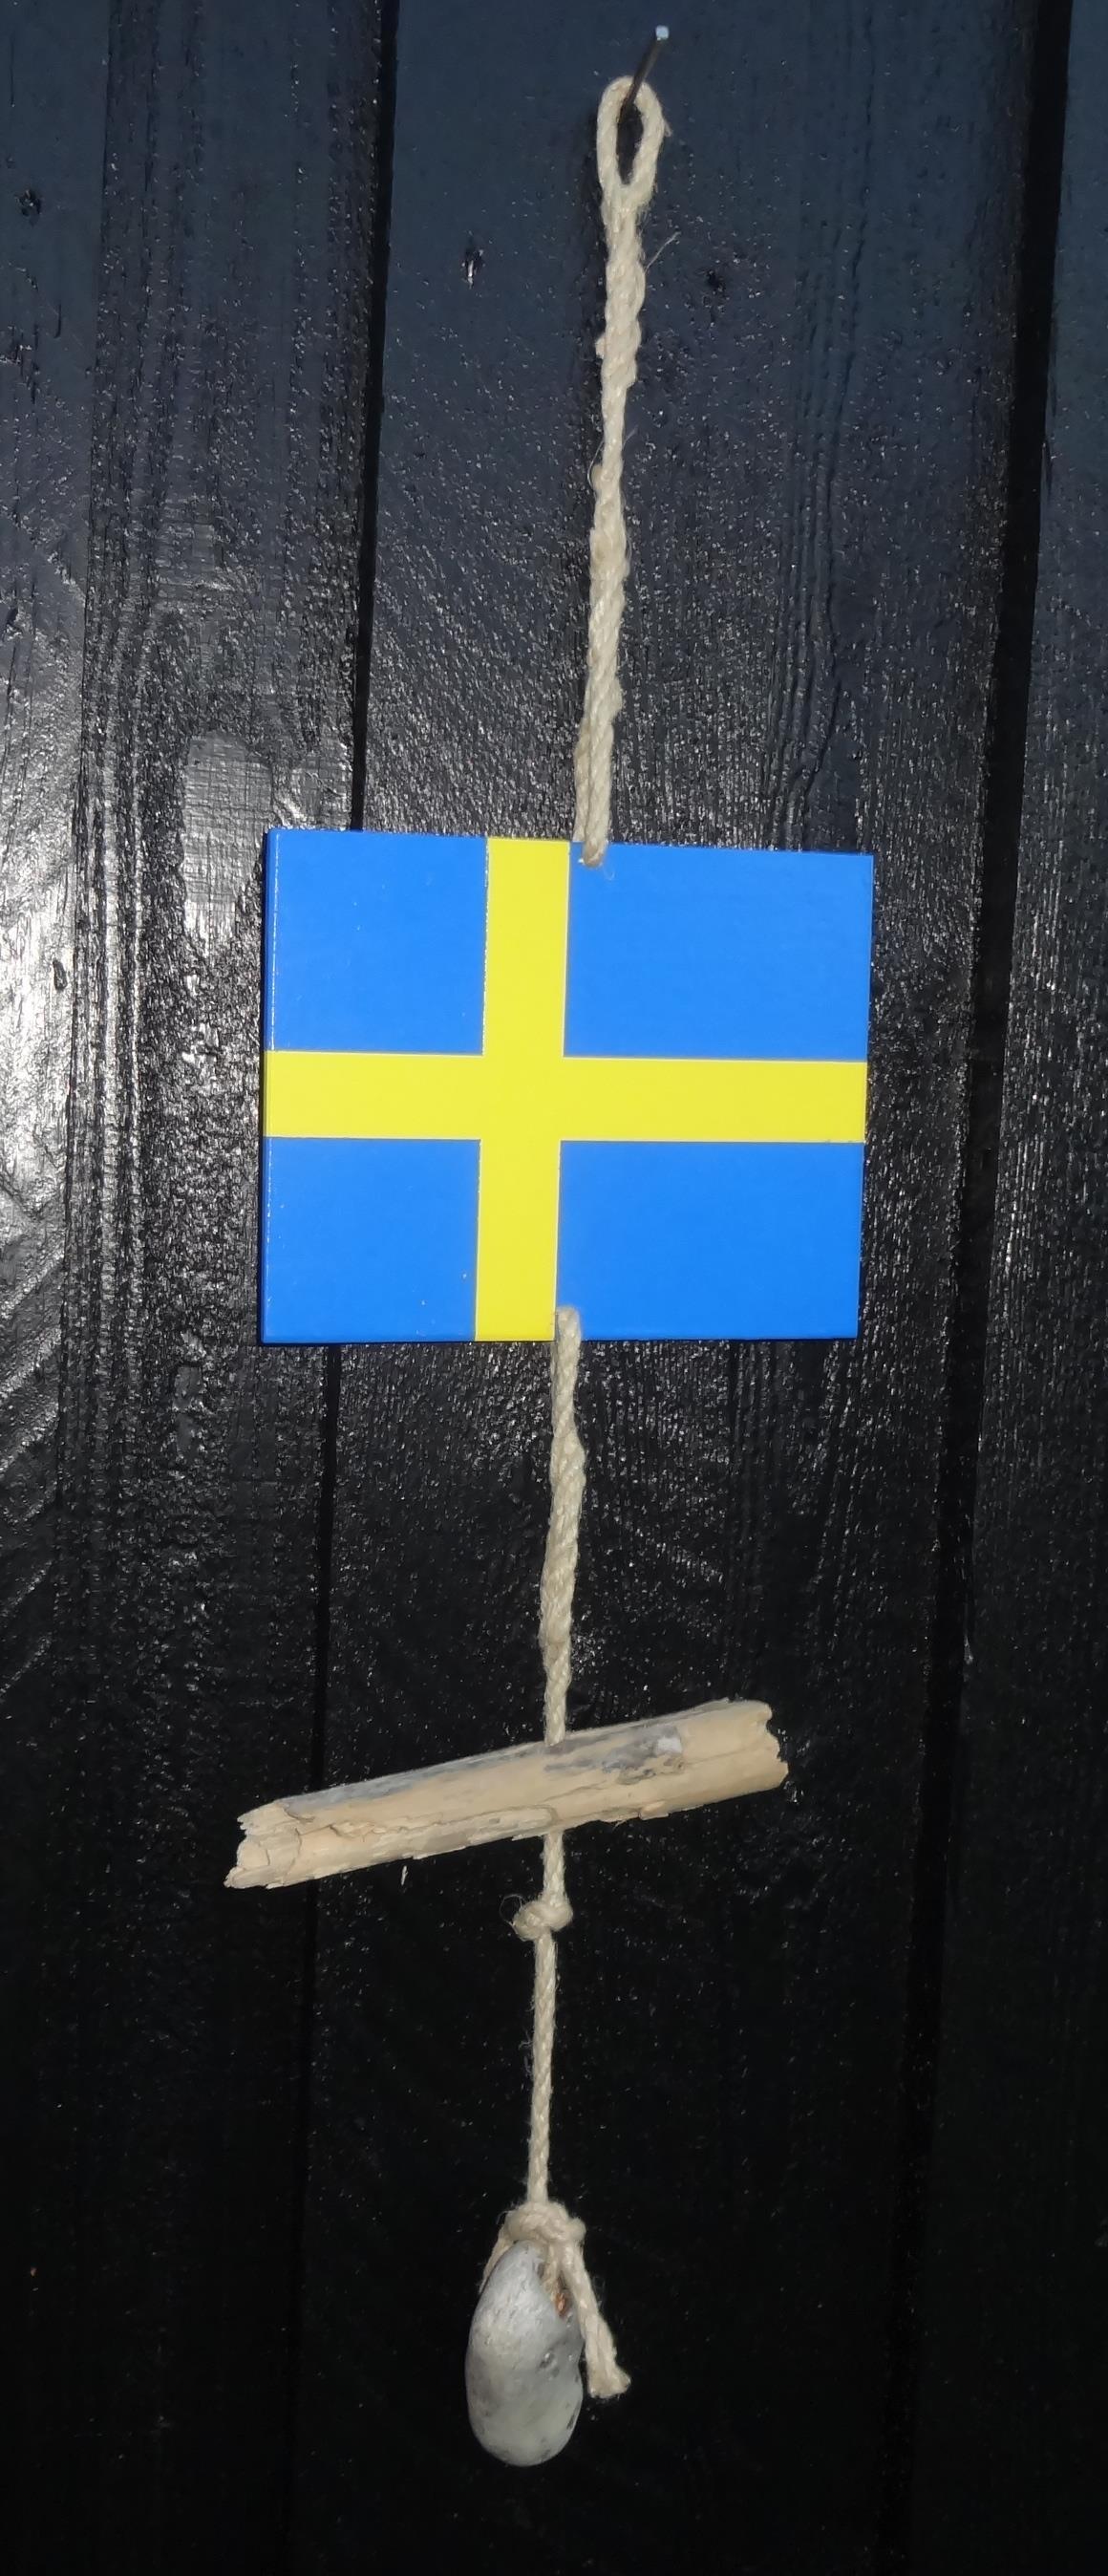 svenske flag og danske flag